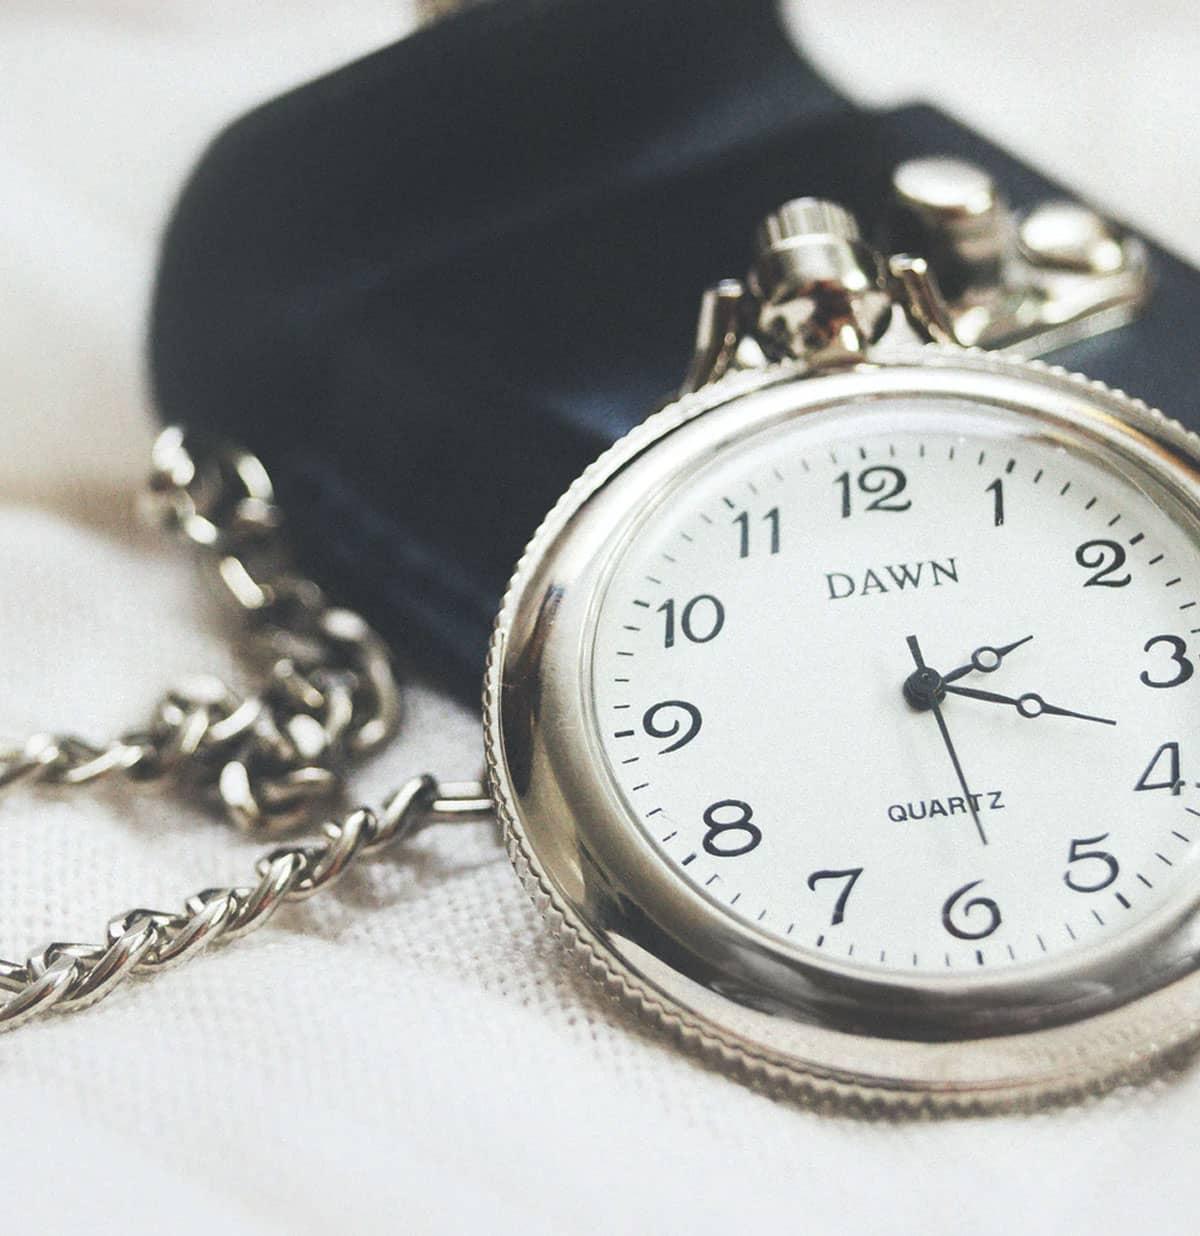 montre gousset mouvement quartz - La montre à gousset : pour un look toujours plus vintage !